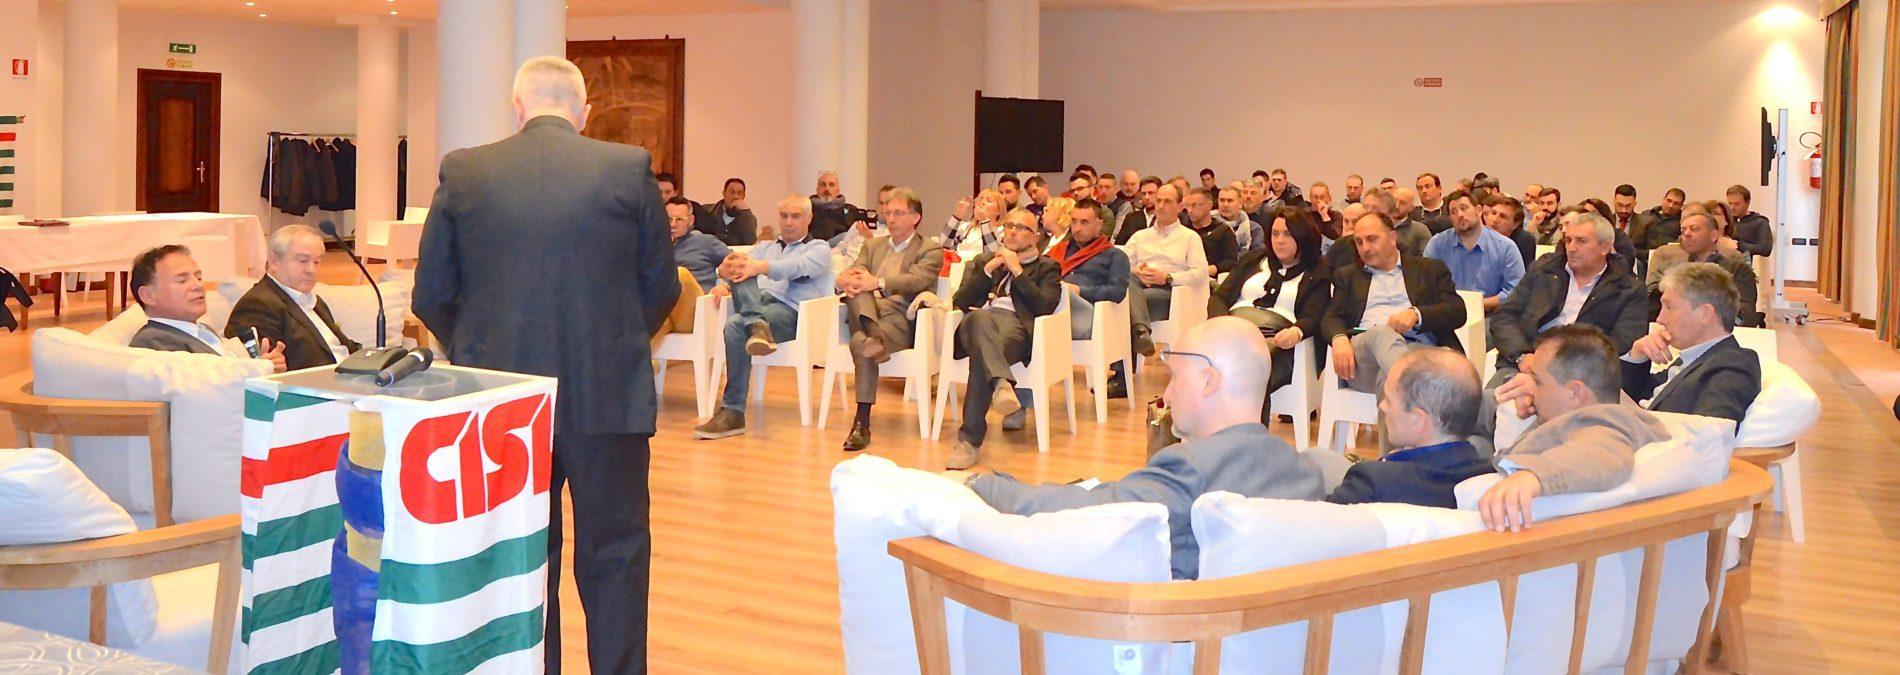 Congresso Fns regionale a Biella primo piano